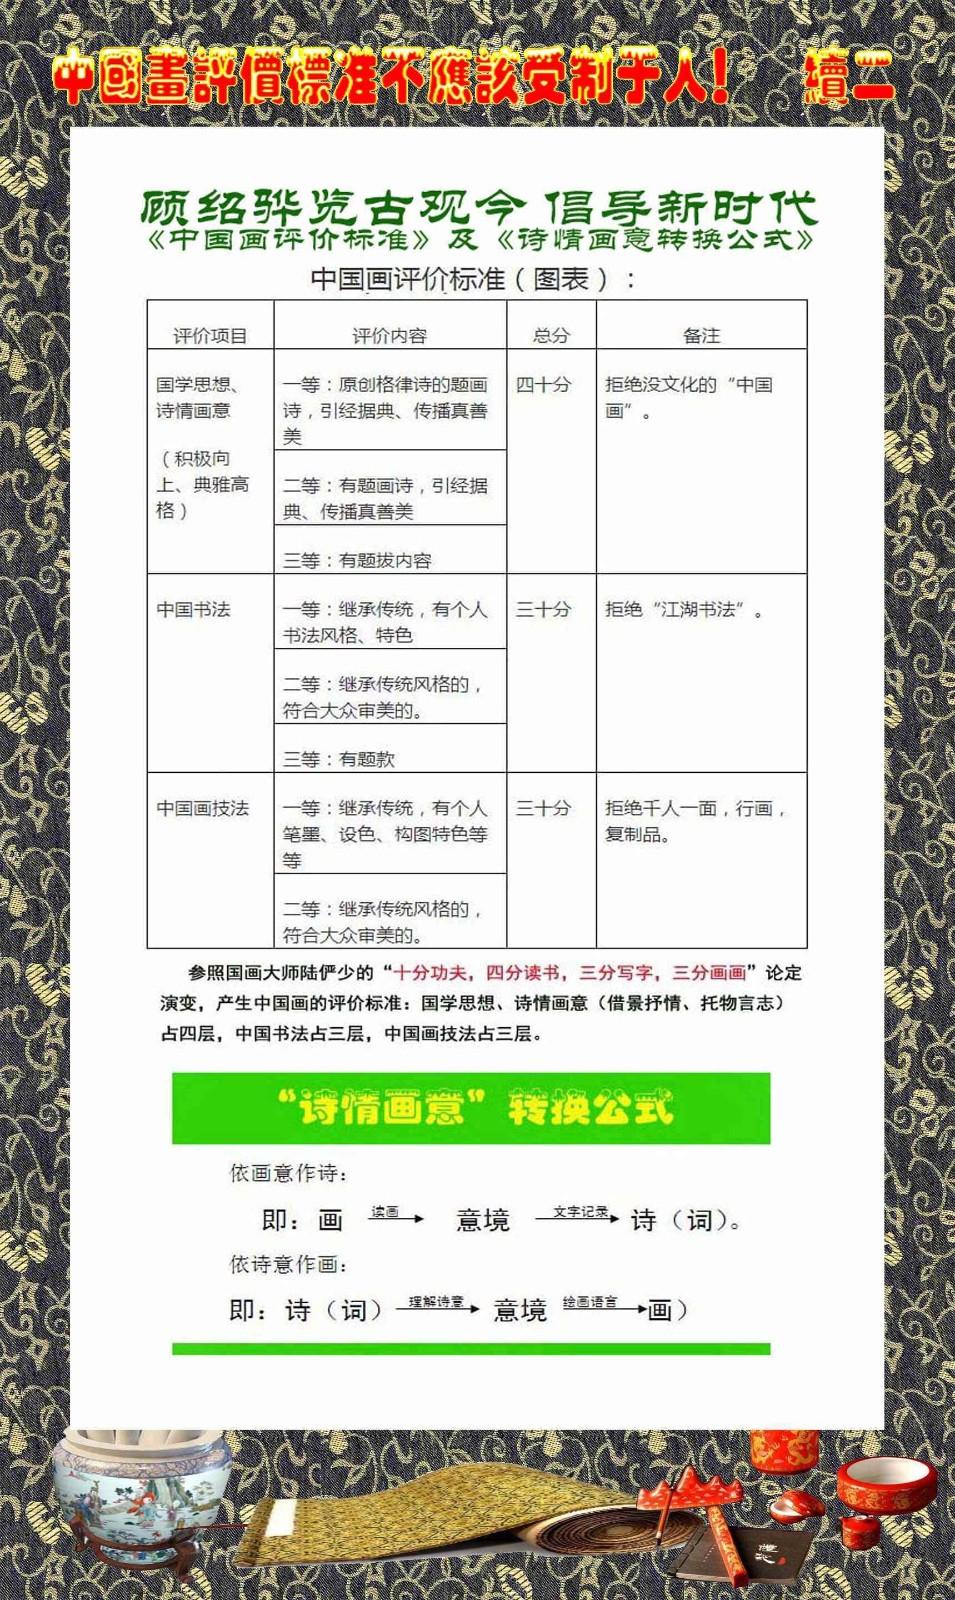 中国画评价标准不应该受制于人!  续二_图1-1